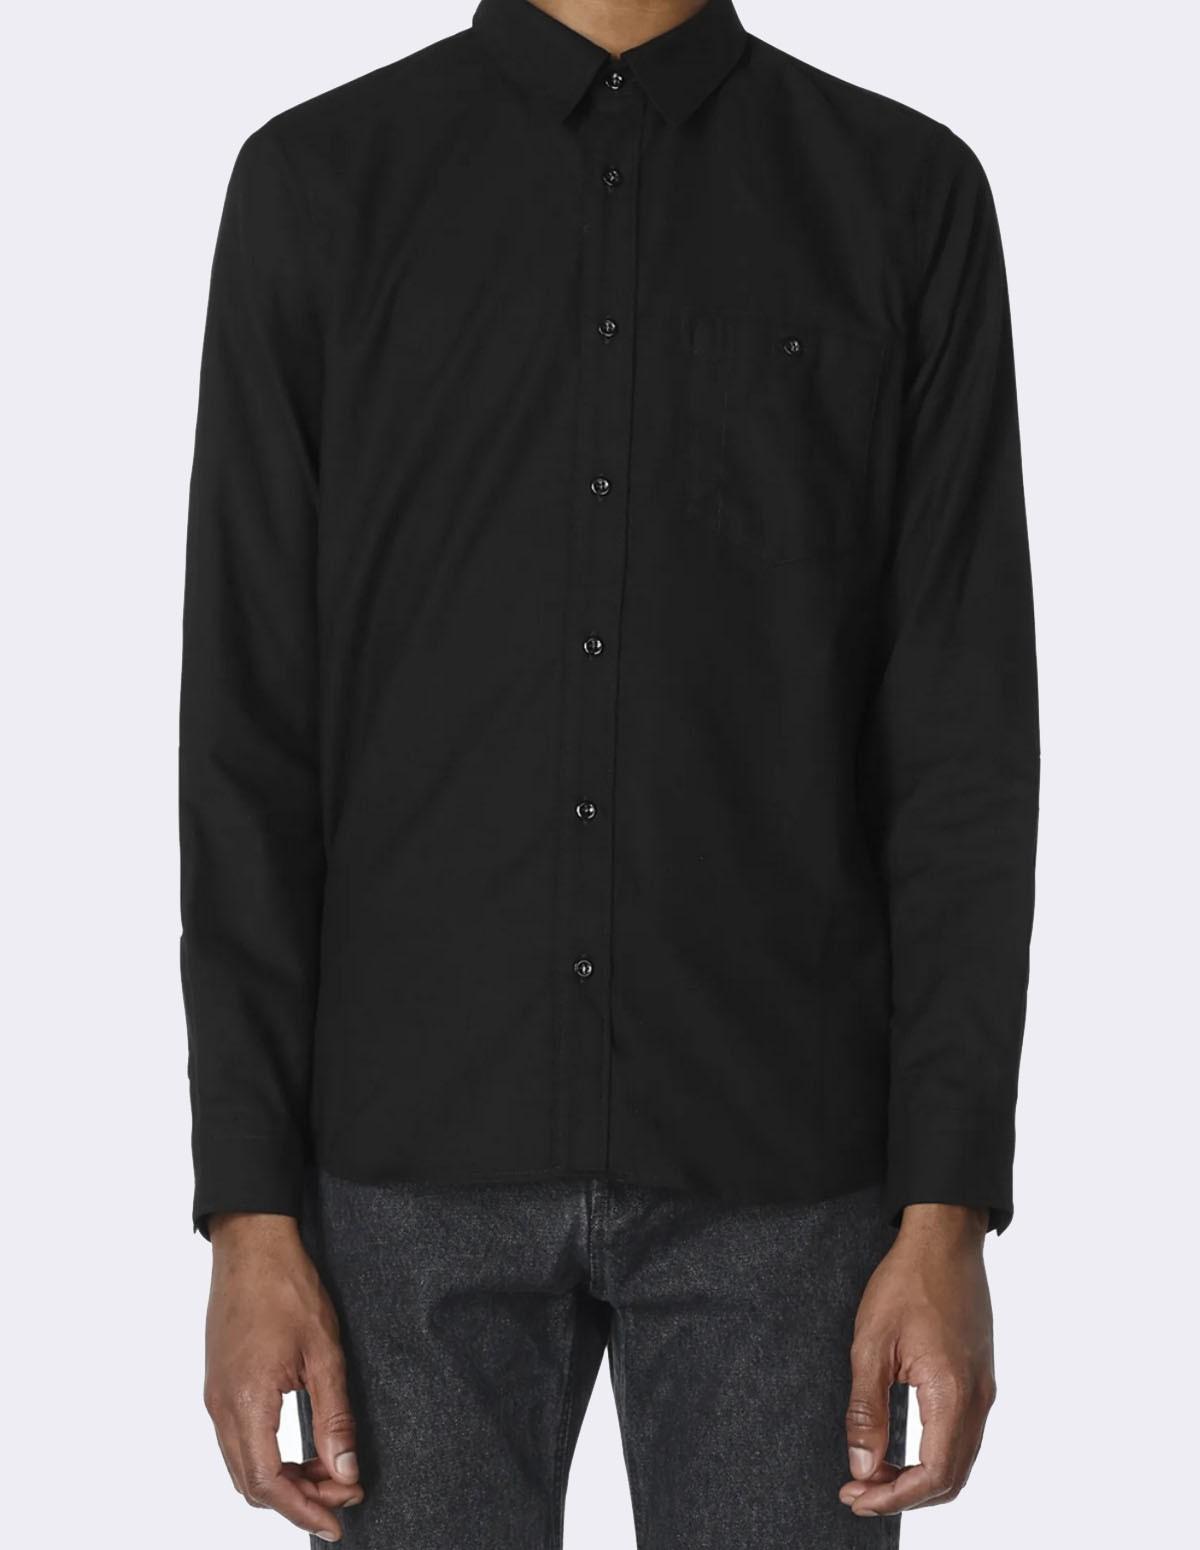 Apc Chicago Shirt